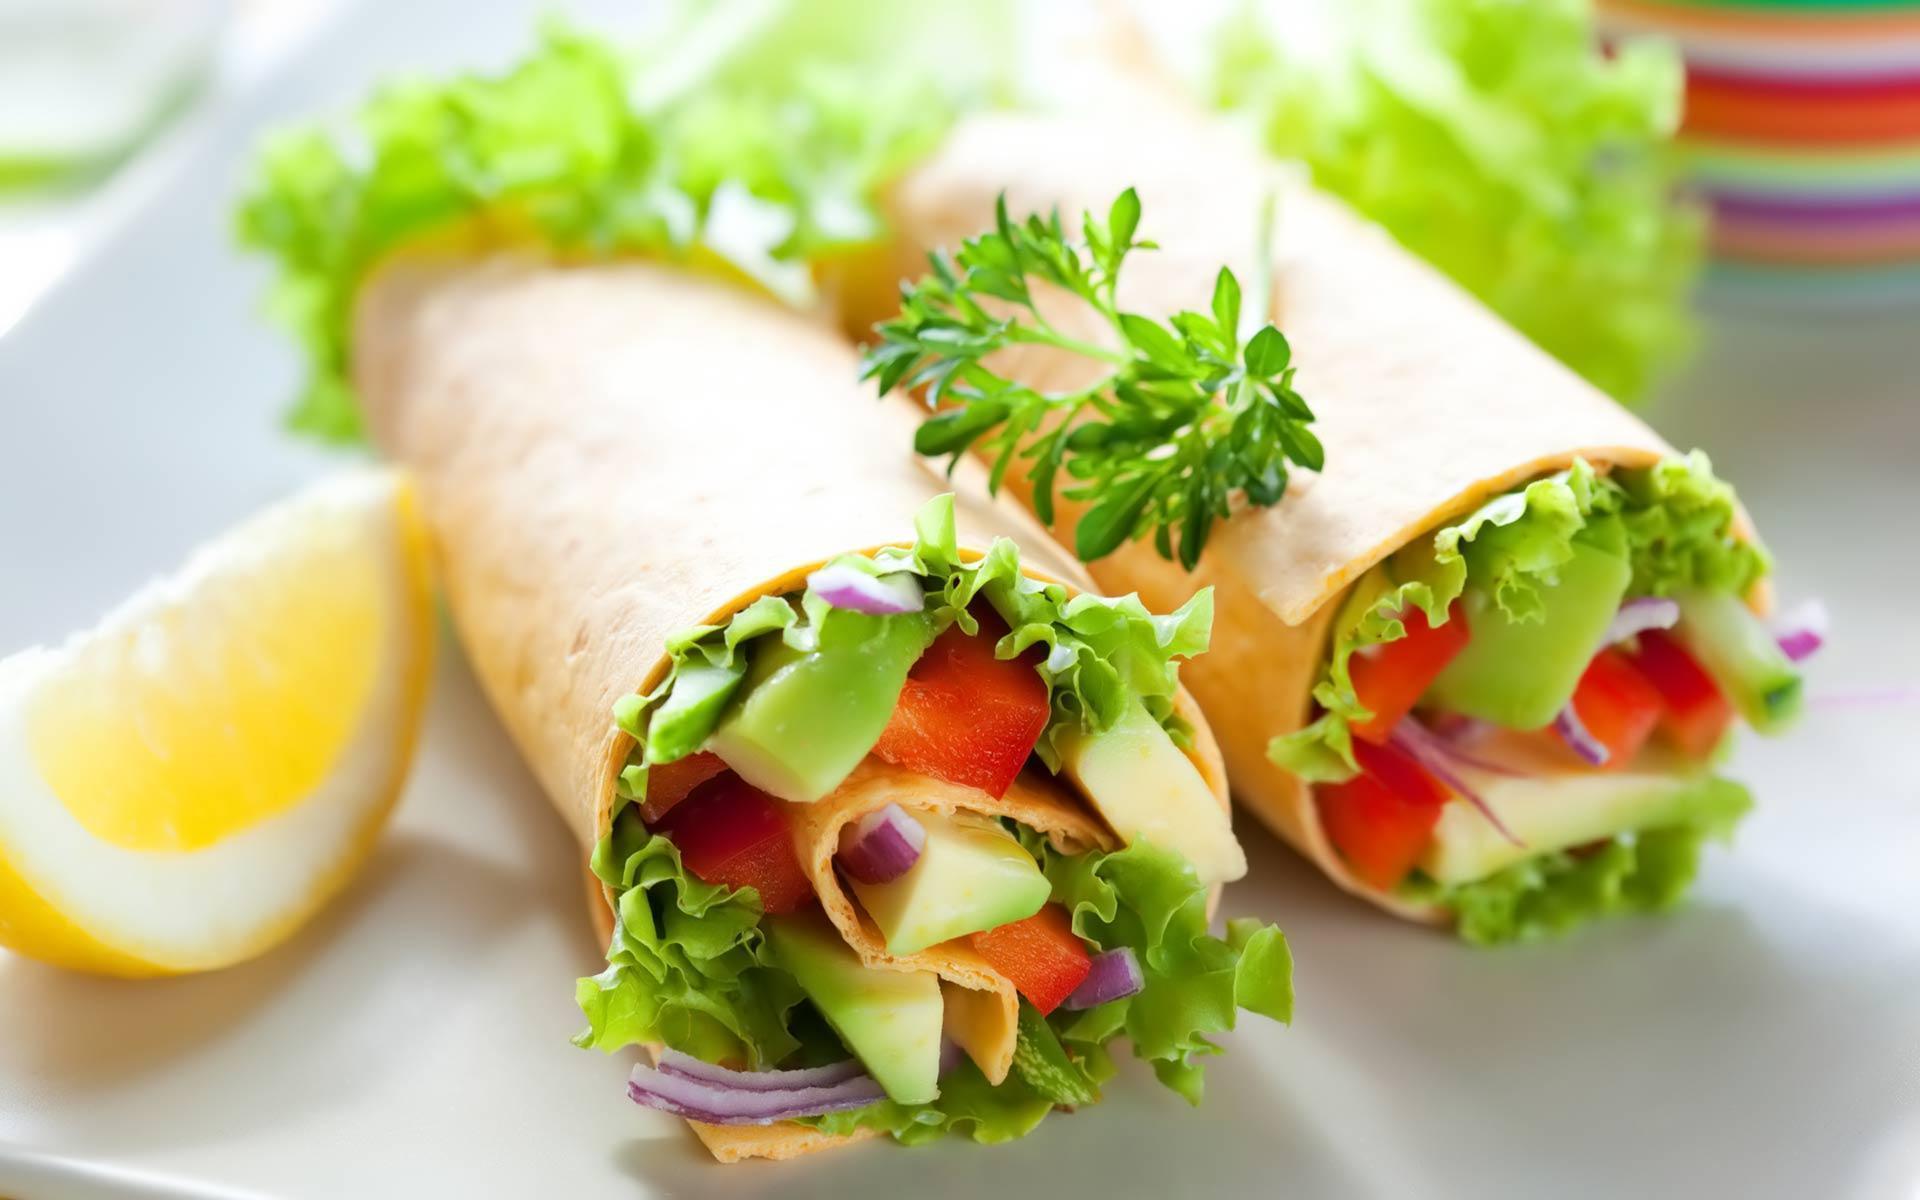 Dieta Vegetariana para Atletas: Nutrientes e de quais Alimentos Obtê-los